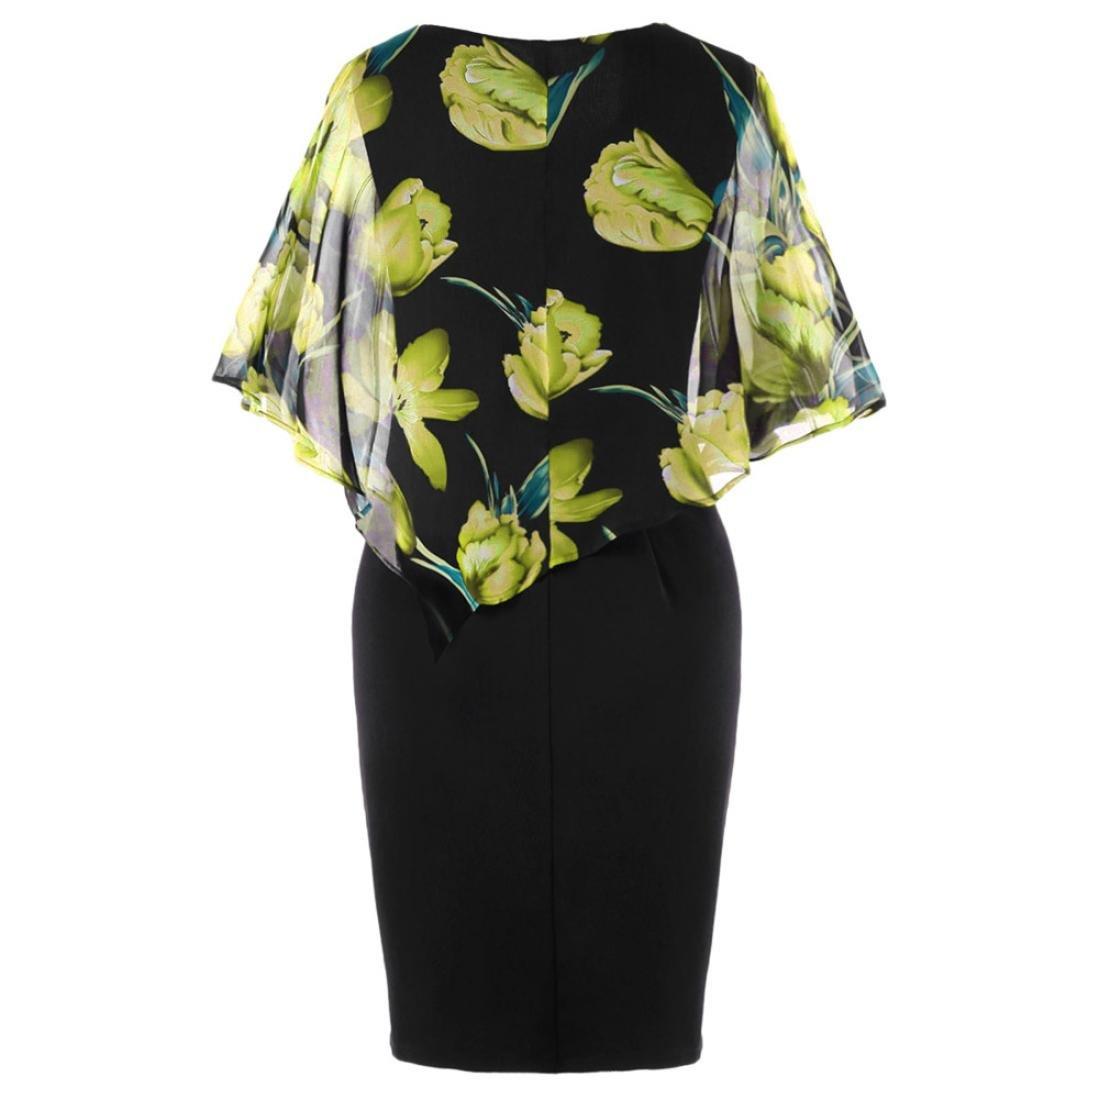 TUDUZ Sommerkleid Damen Casual Rose Print Chiffon O-Ausschnitt R/üschen Minikleid Partykleid